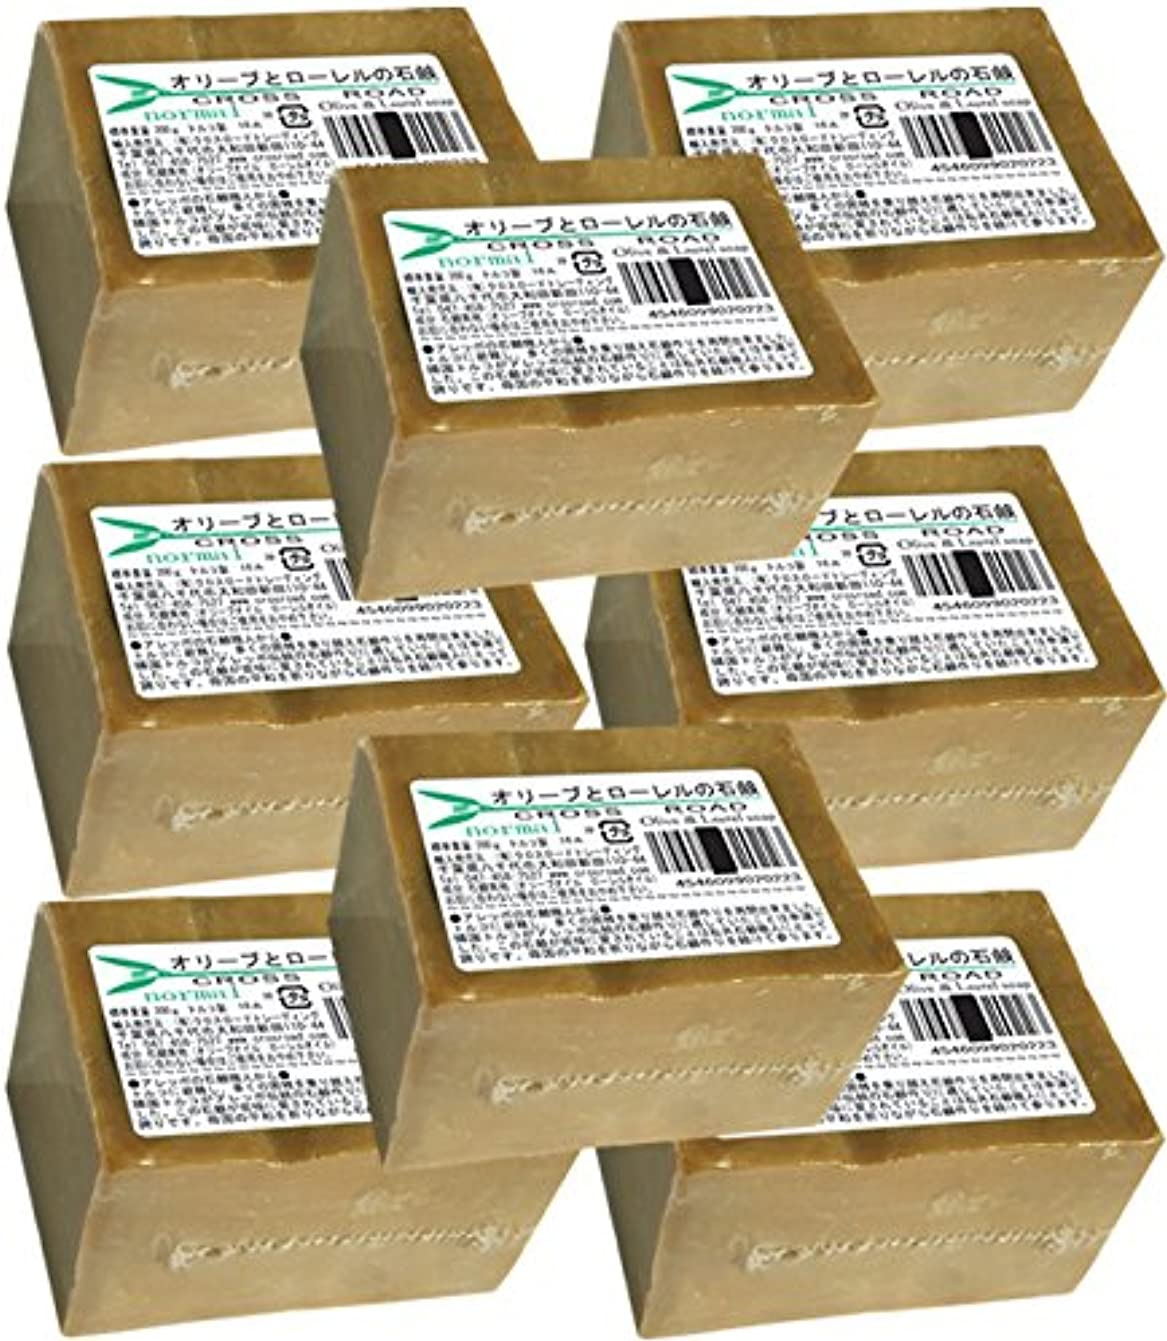 メルボルンゴミ箱インフラオリーブとローレルの石鹸(ノーマル)8個セット[並行輸入品]